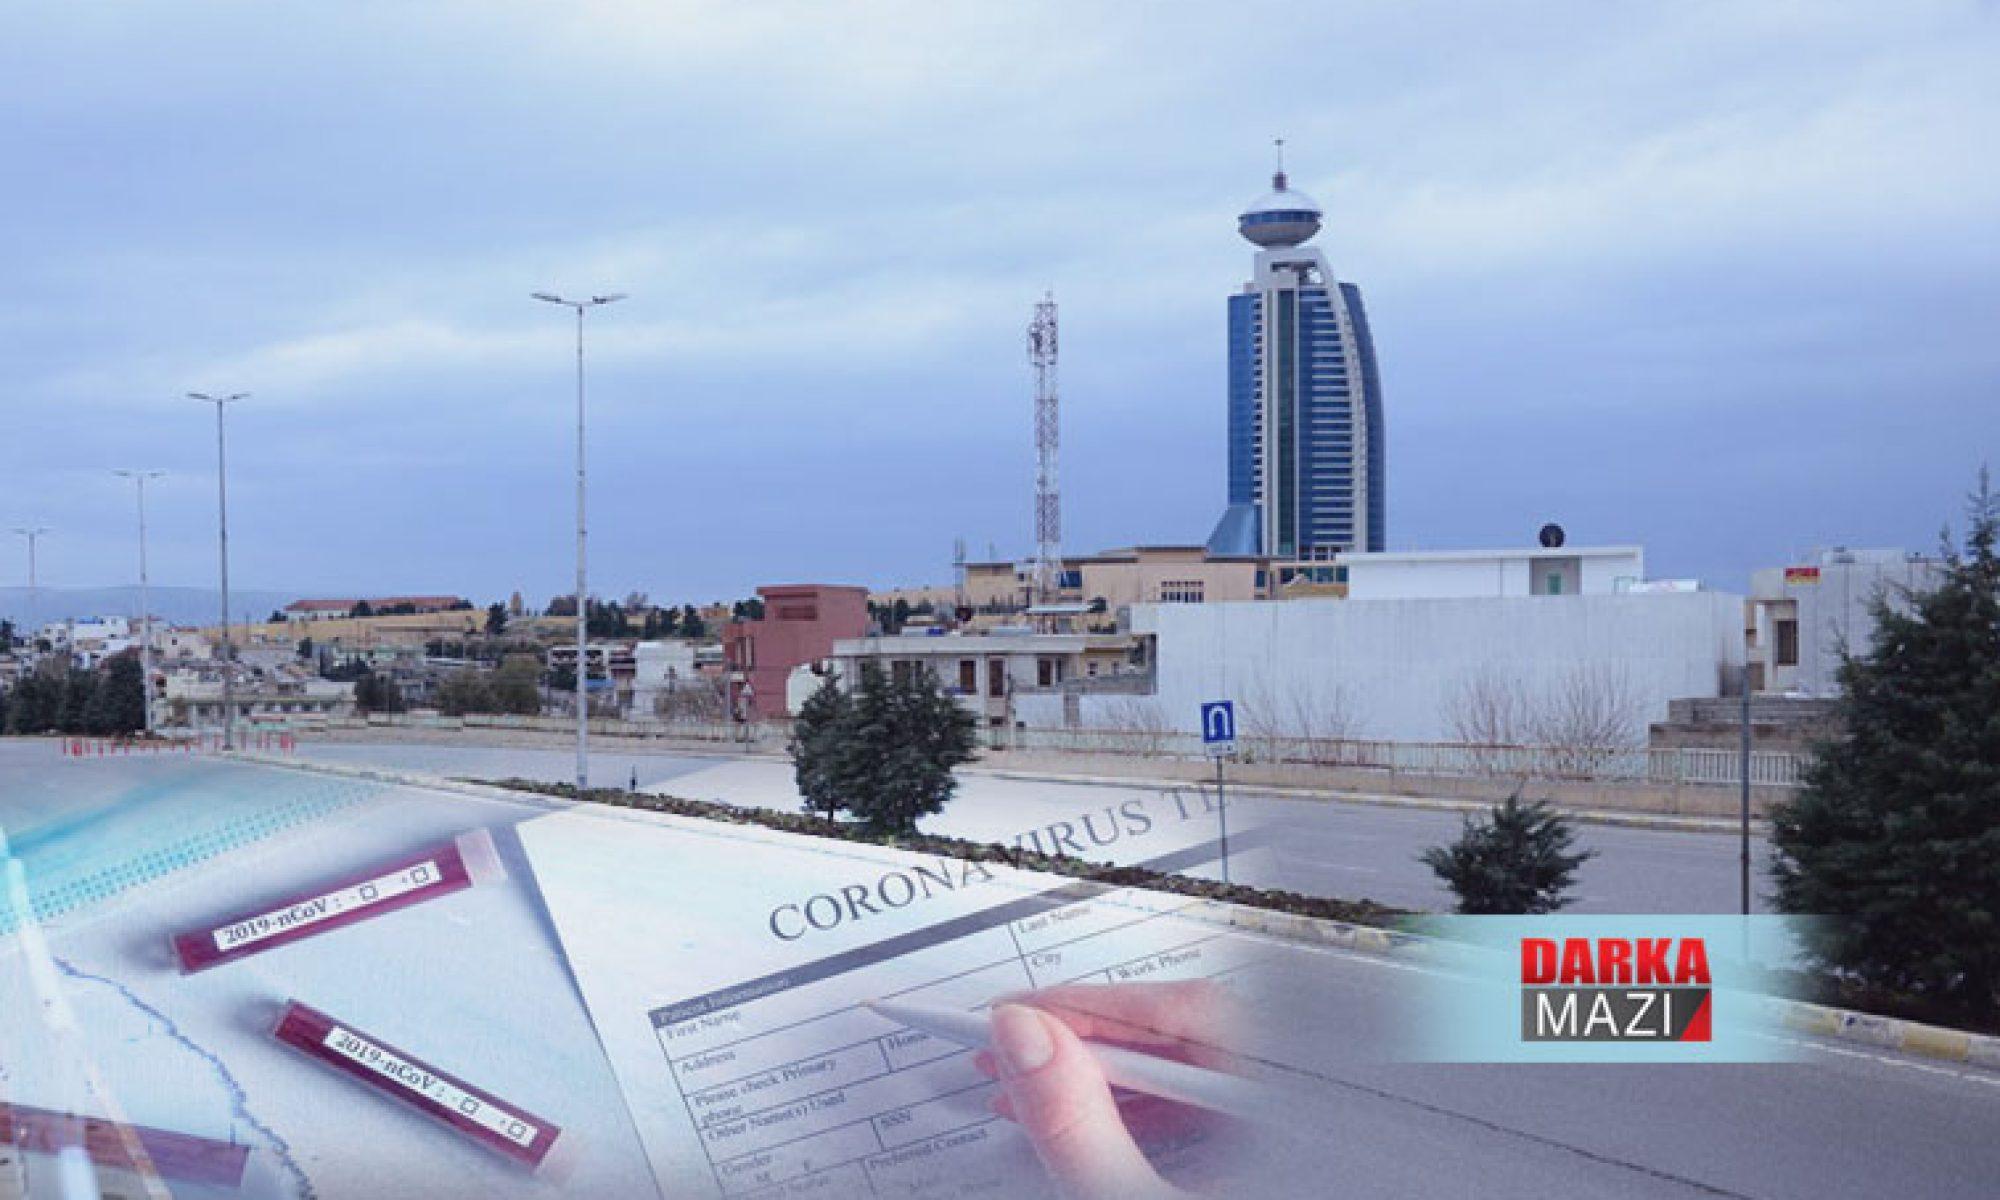 Kürdistan Bölgesi Sağlık Bakanlığı yaptığı açıklama ile Süleymaniye'de 77 kişinin virüse yakalandığını bildirdi. Sağlık Bakanlığı yapılan testler sonucunda Süleymaniye'de 77 kişinin virüs testinin pozitif çıktığını bildirdi. Diğer yandan vakalardan 40'nın erkek, 25'nin kadın, 3'nün genç kız, 3'nün genç erkek ve 6'sının da çocuk oldukları belirtildi. Kürdistan Bölgesi Sağlık Bakanlığı'nın verdiği bilgilere göre şu ana kadar bin 15 kişinin virüse yakalandığı, bunlardan 444'nün iyileştiği ve 16'sının da yaşamını yitirdiği ifade edildi.